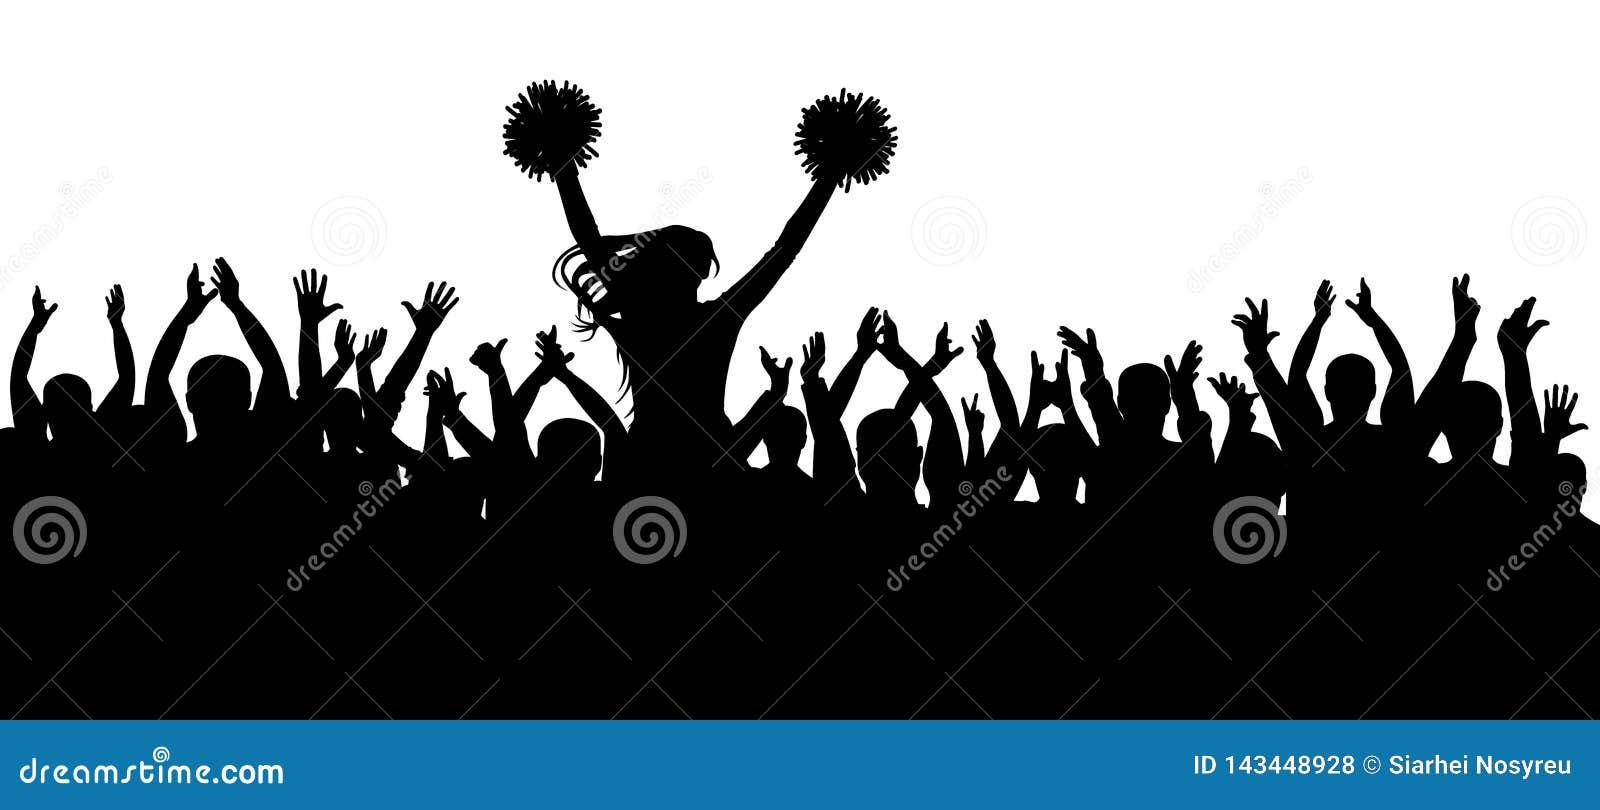 Os fãs que cheering junto com a silhueta do líder da claque multidão esporte Ilustração do vetor